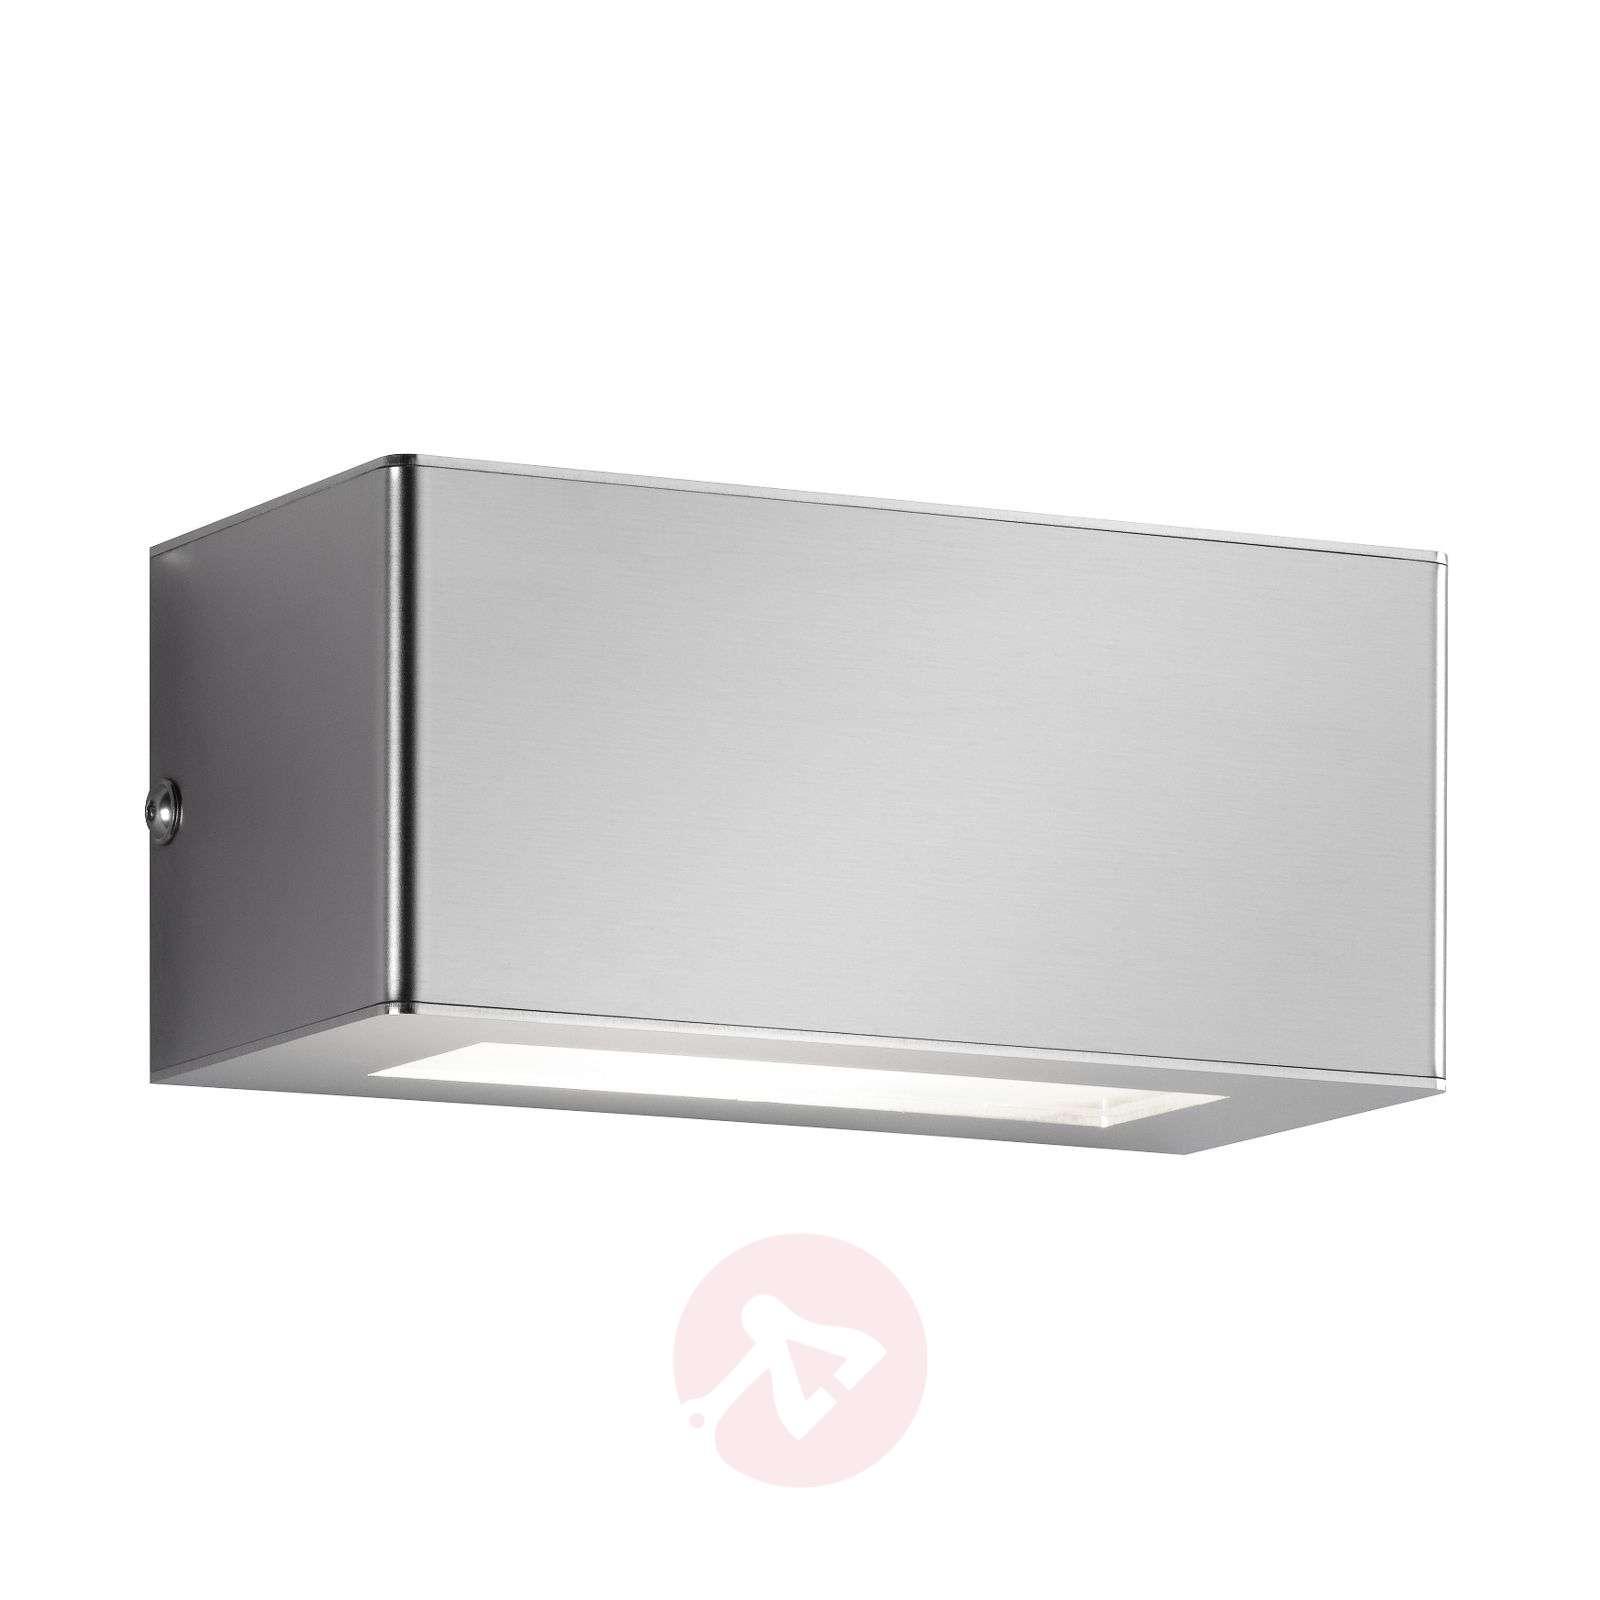 Aqua Stone-LED-ulkoseinävalaisin, 2 lampulla-2011223-01